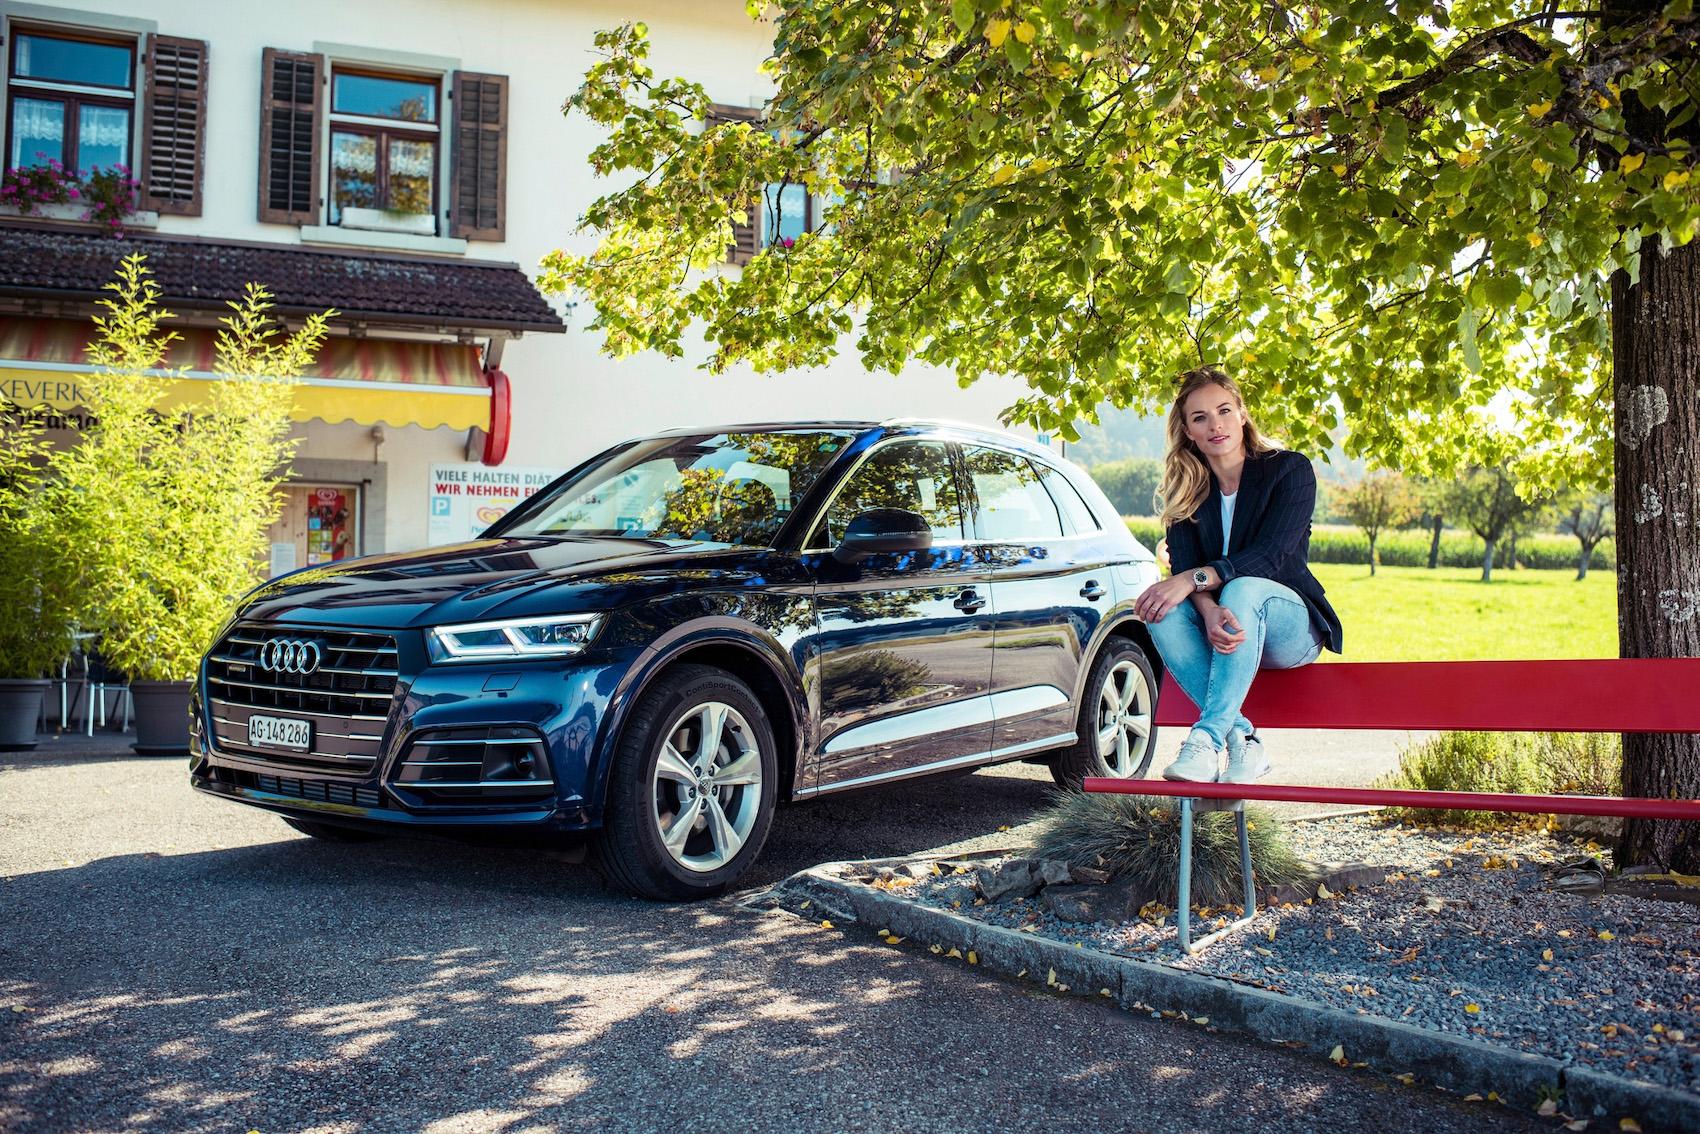 Aussi adaptée aux parcours de découverte dans la campagne qu'à la circulation urbaine: Lara Gut-Behrami avec l'Audi Q5 TFSI e à Hausen am Albis (en haut) et dans la vieille ville de Zurich.